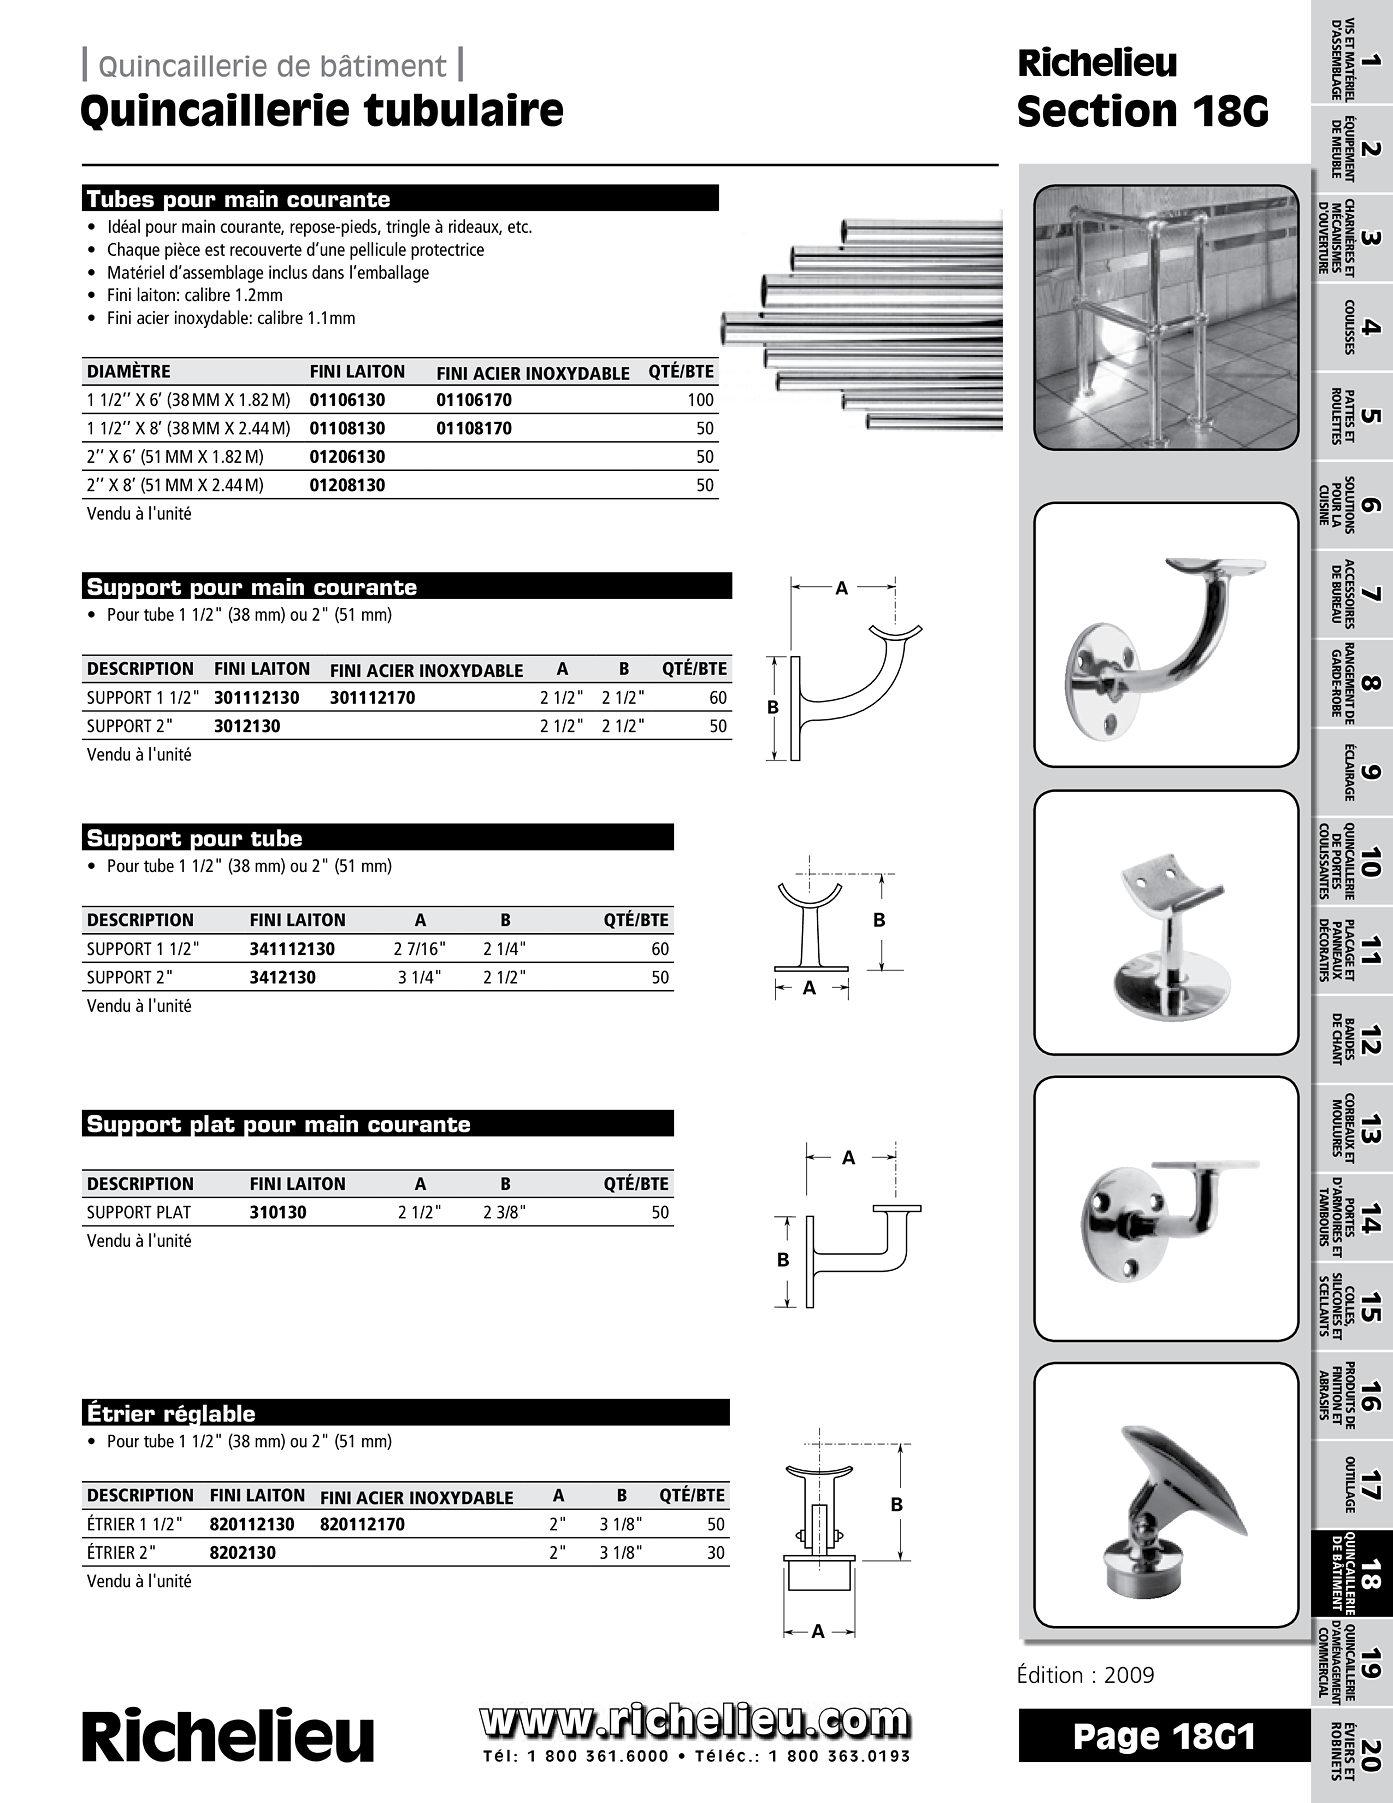 librairie des catalogues richelieu quincaillerie tubulaire page 1 quincaillerie richelieu. Black Bedroom Furniture Sets. Home Design Ideas